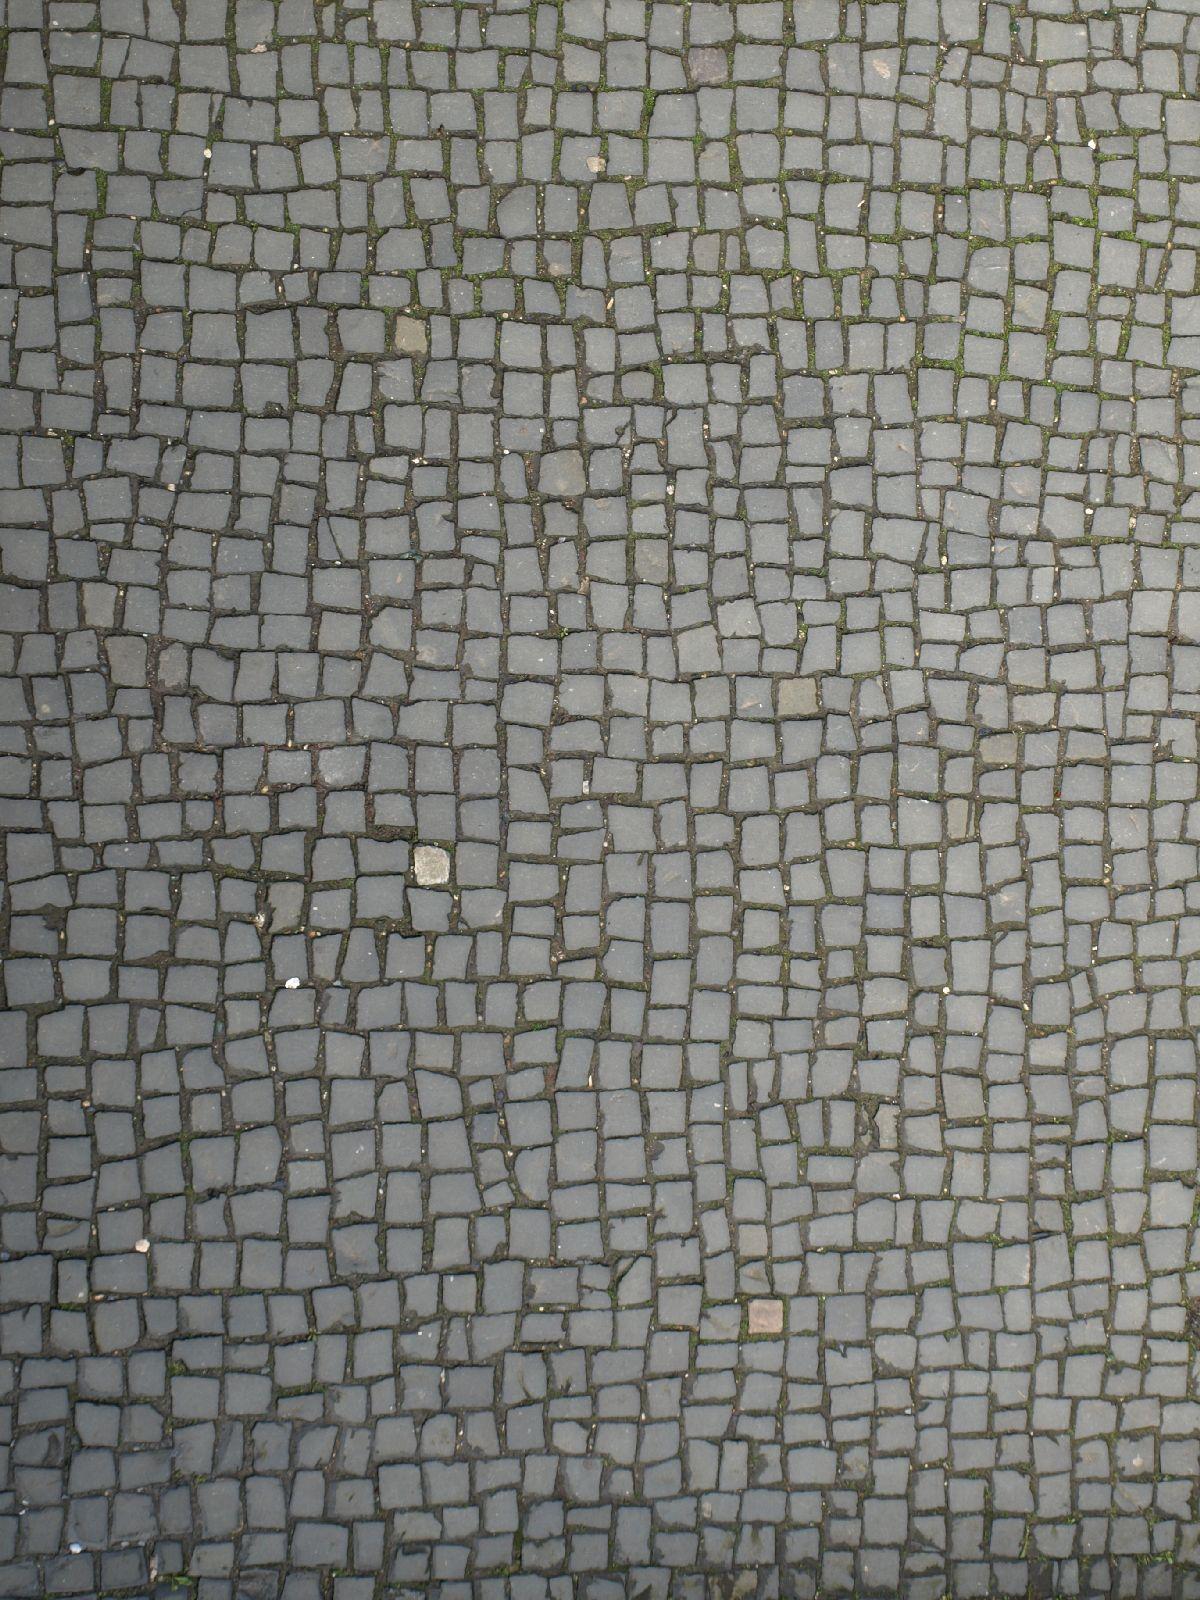 Boden-Gehweg-Strasse-Buergersteig-Textur_A_P4131135